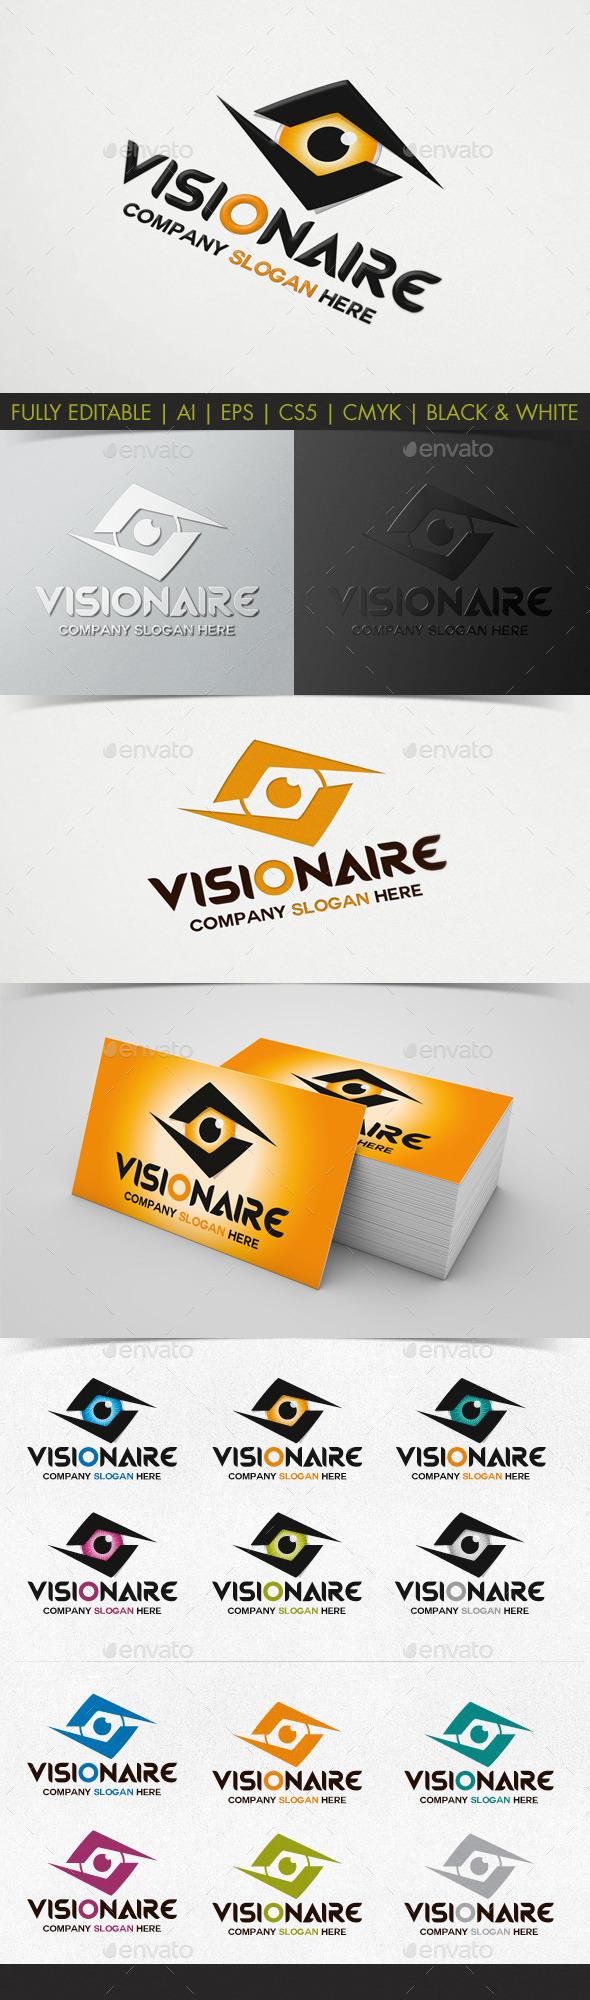 GraphicRiver Visionaire 9404834